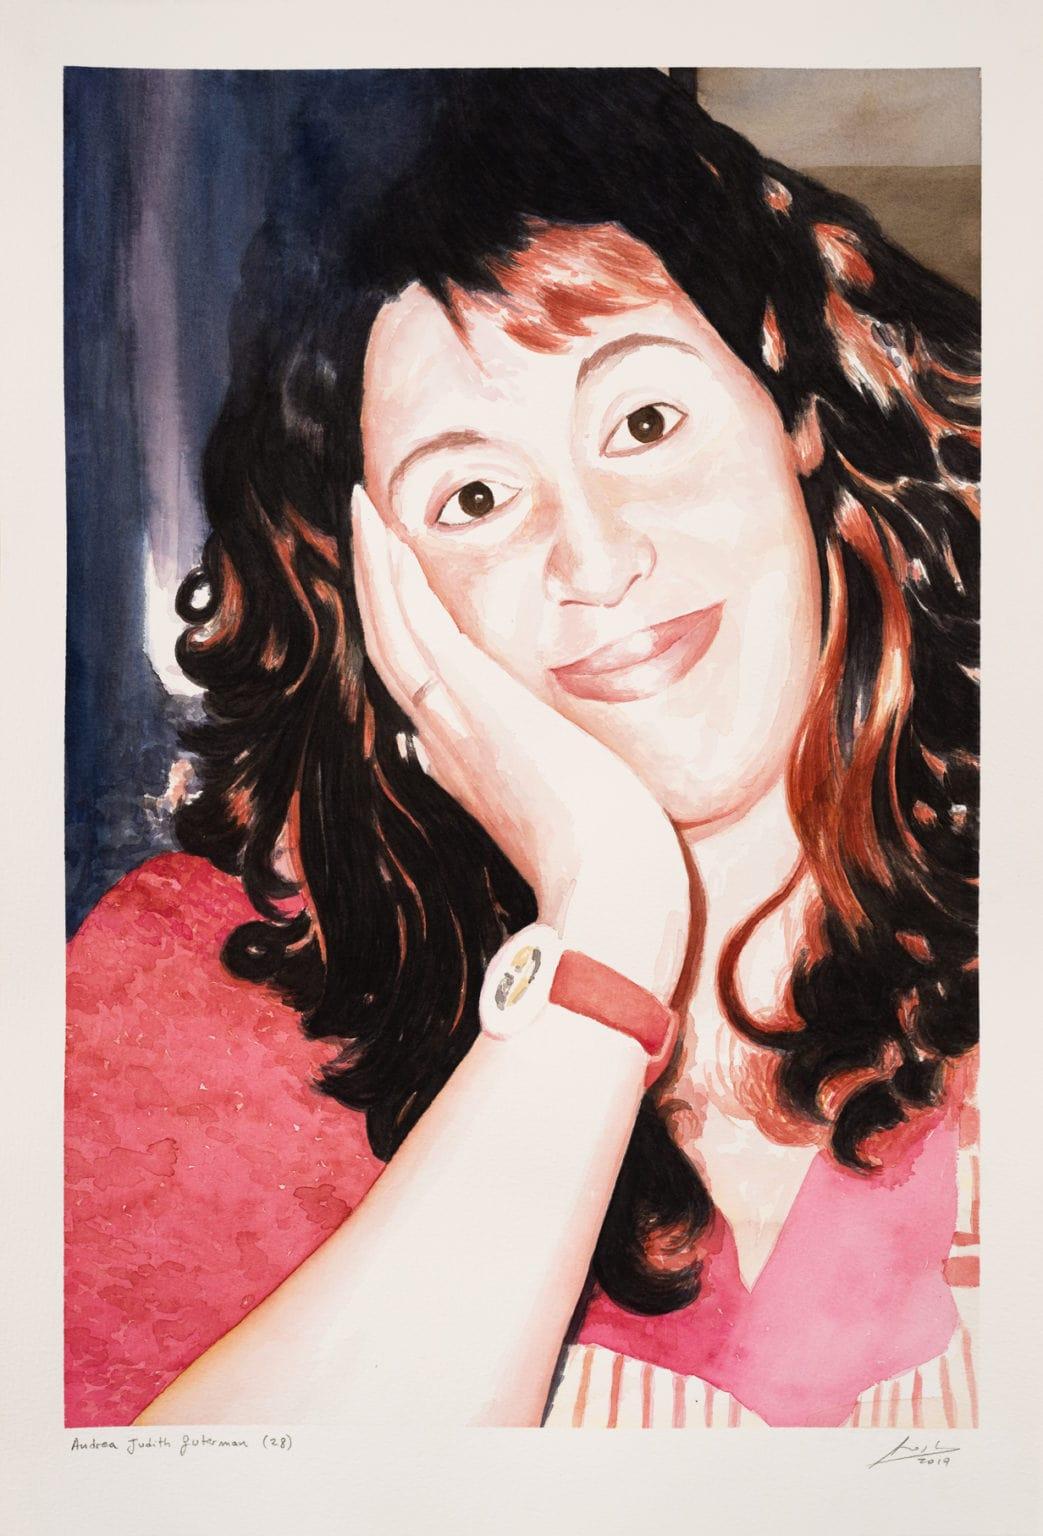 Andrea Judith Guterman - 28 años